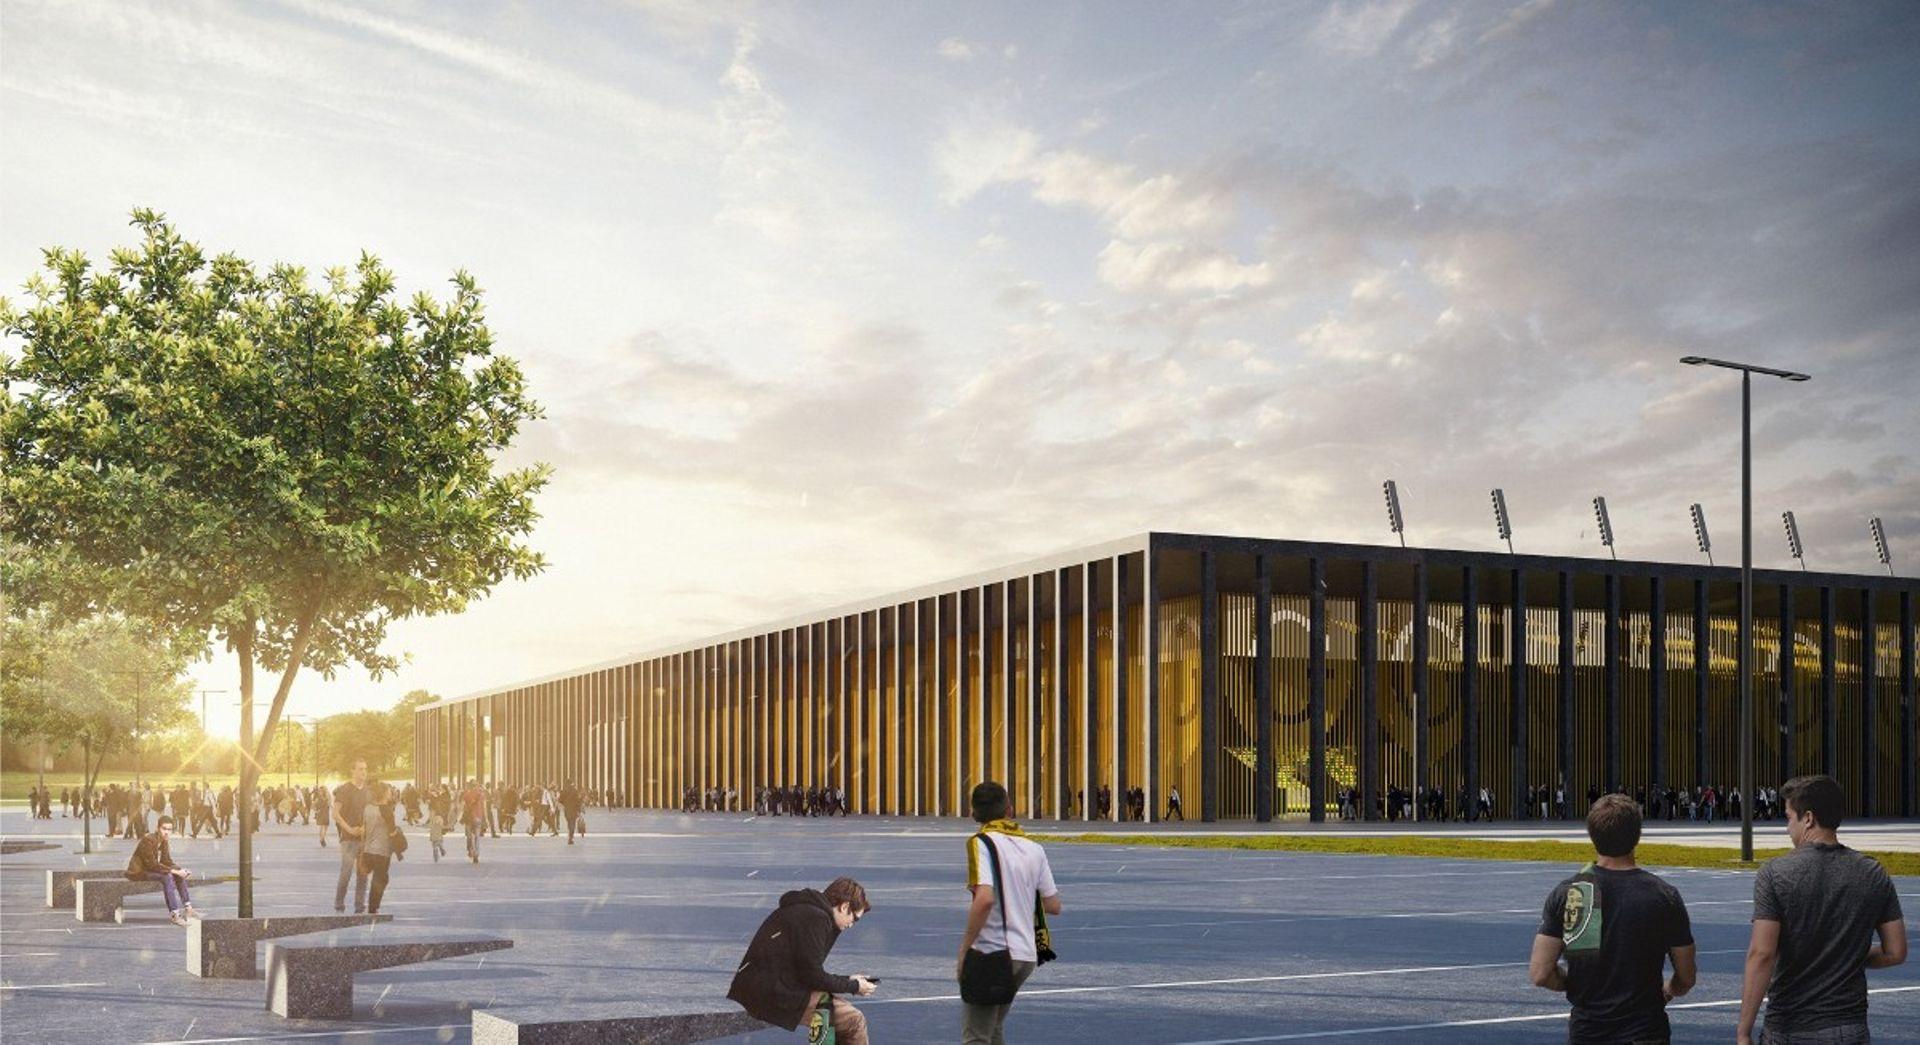 Katowice kupiły brakujący fragment terenu. Budowa nowego stadionu miejskiego coraz bliżej